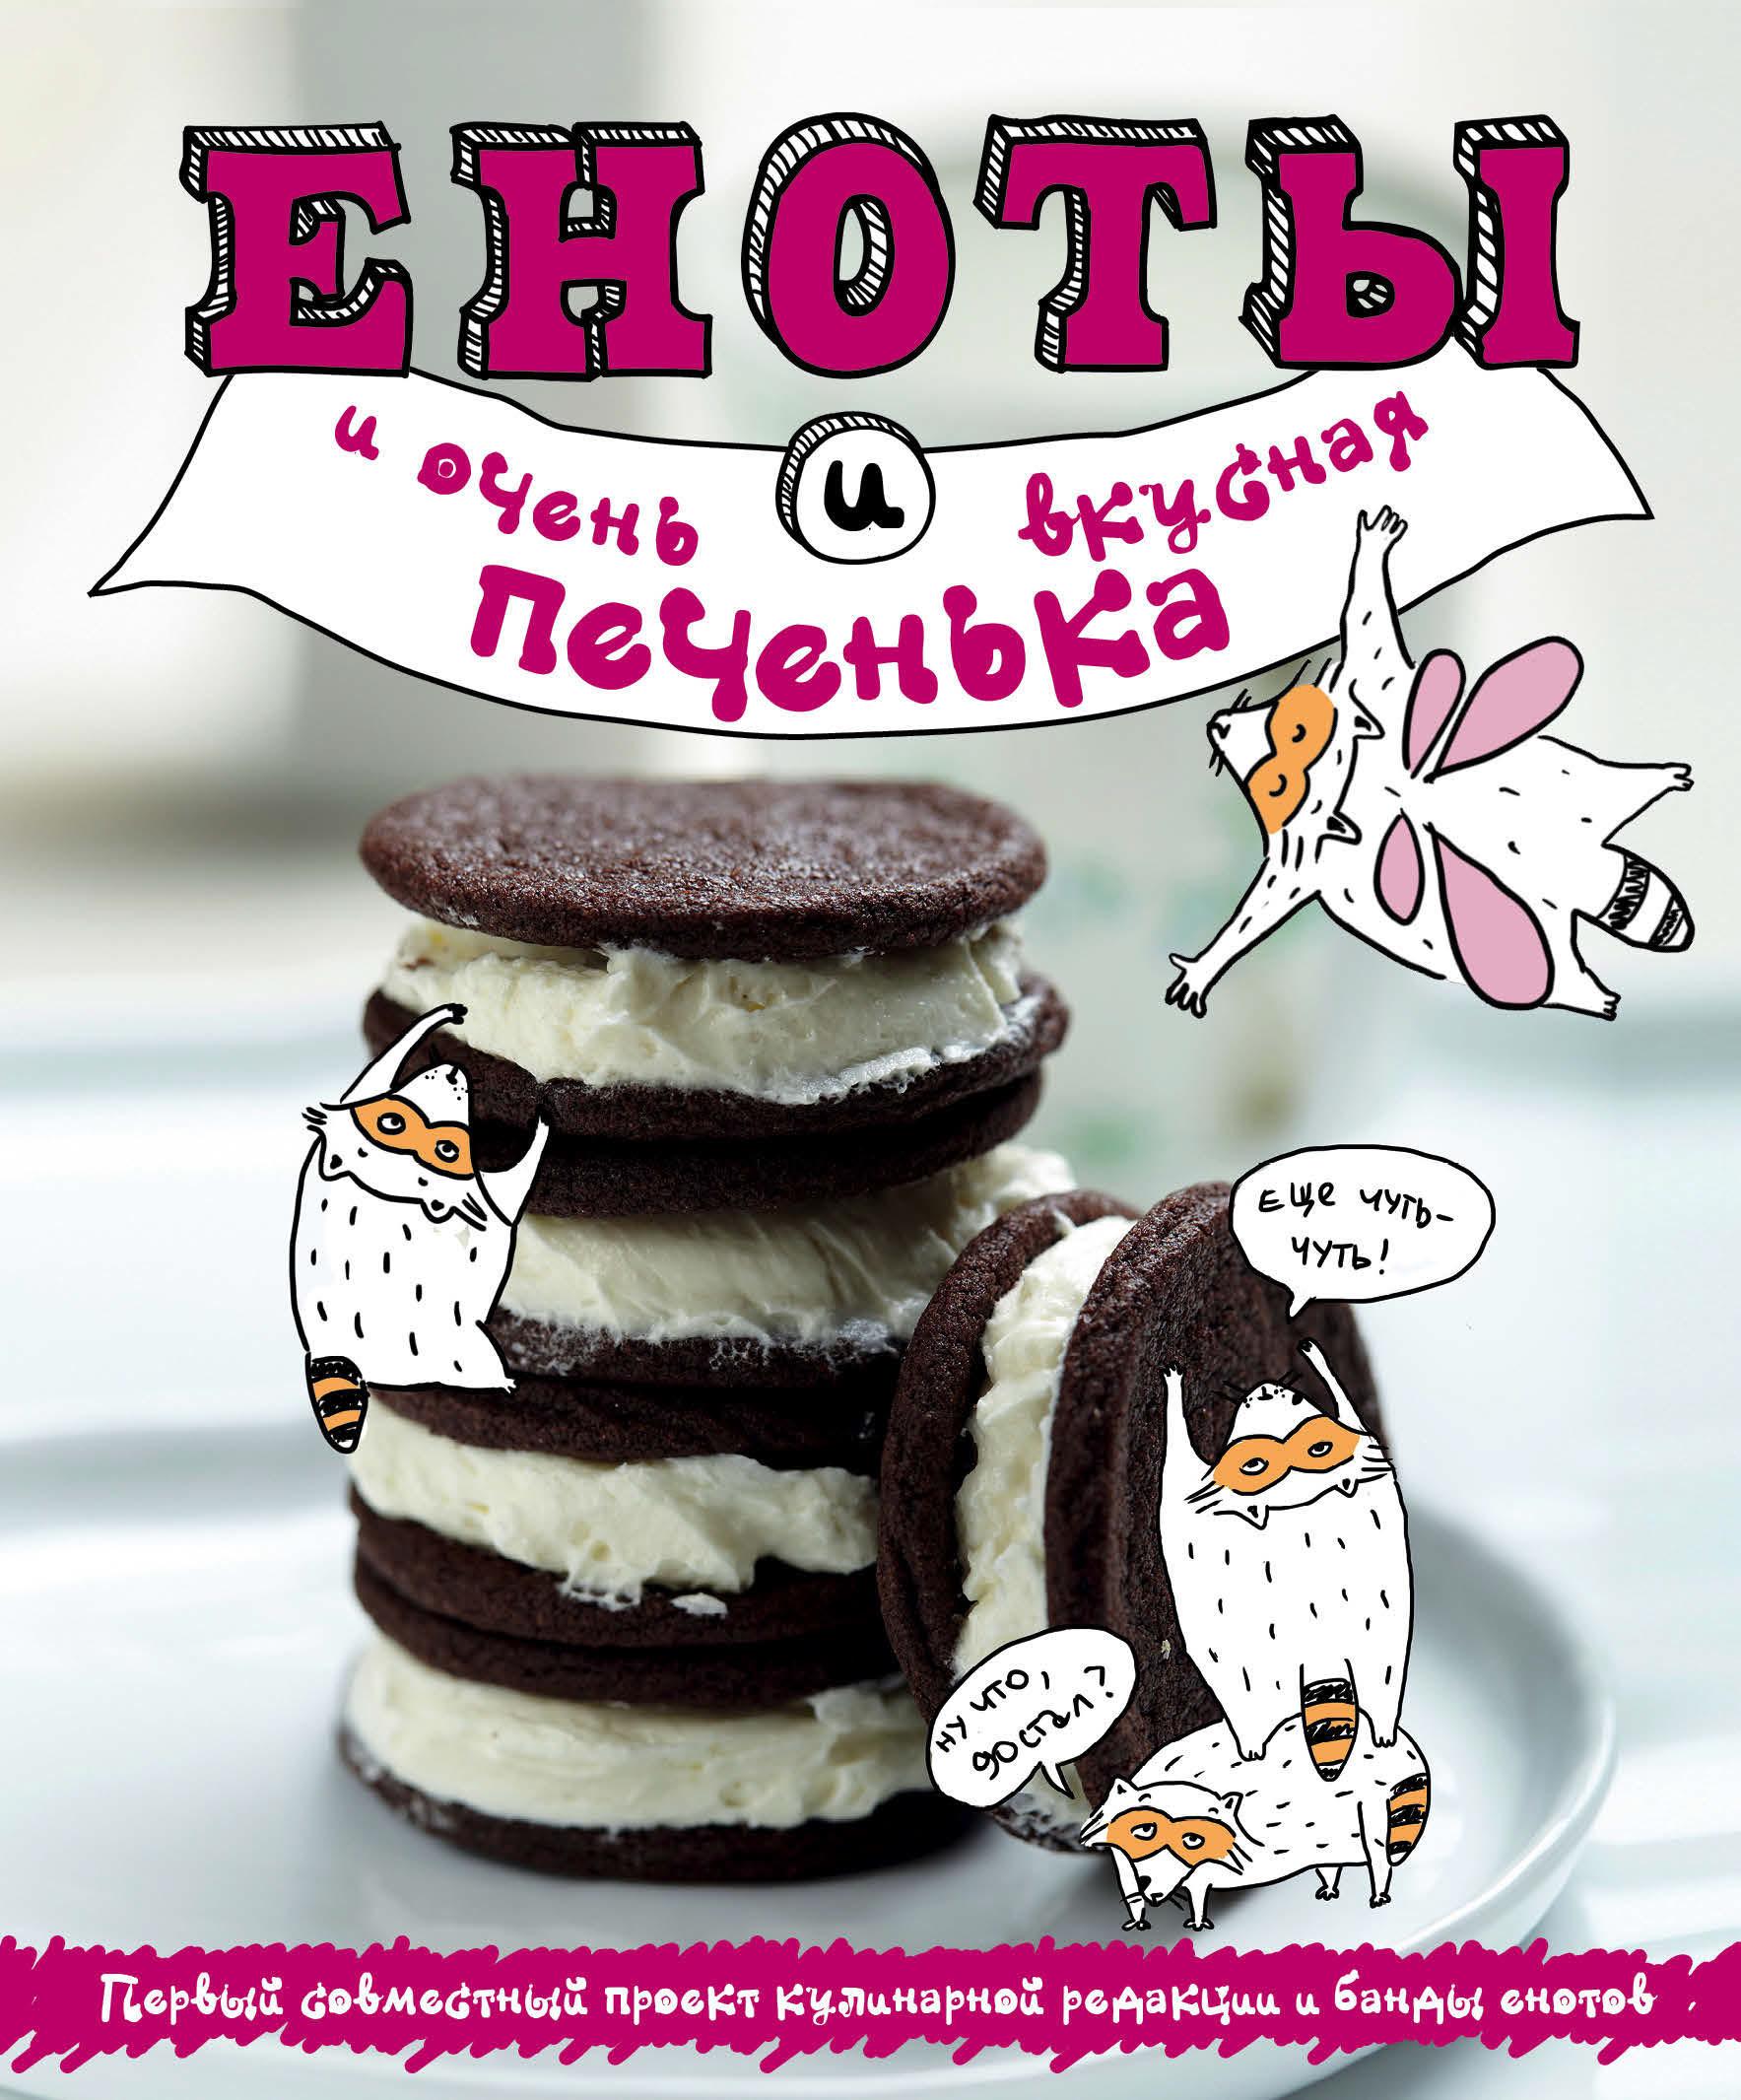 Отсутствует Еноты и очень вкусная печенька братушева а ред еноты и очень вкусная печенька